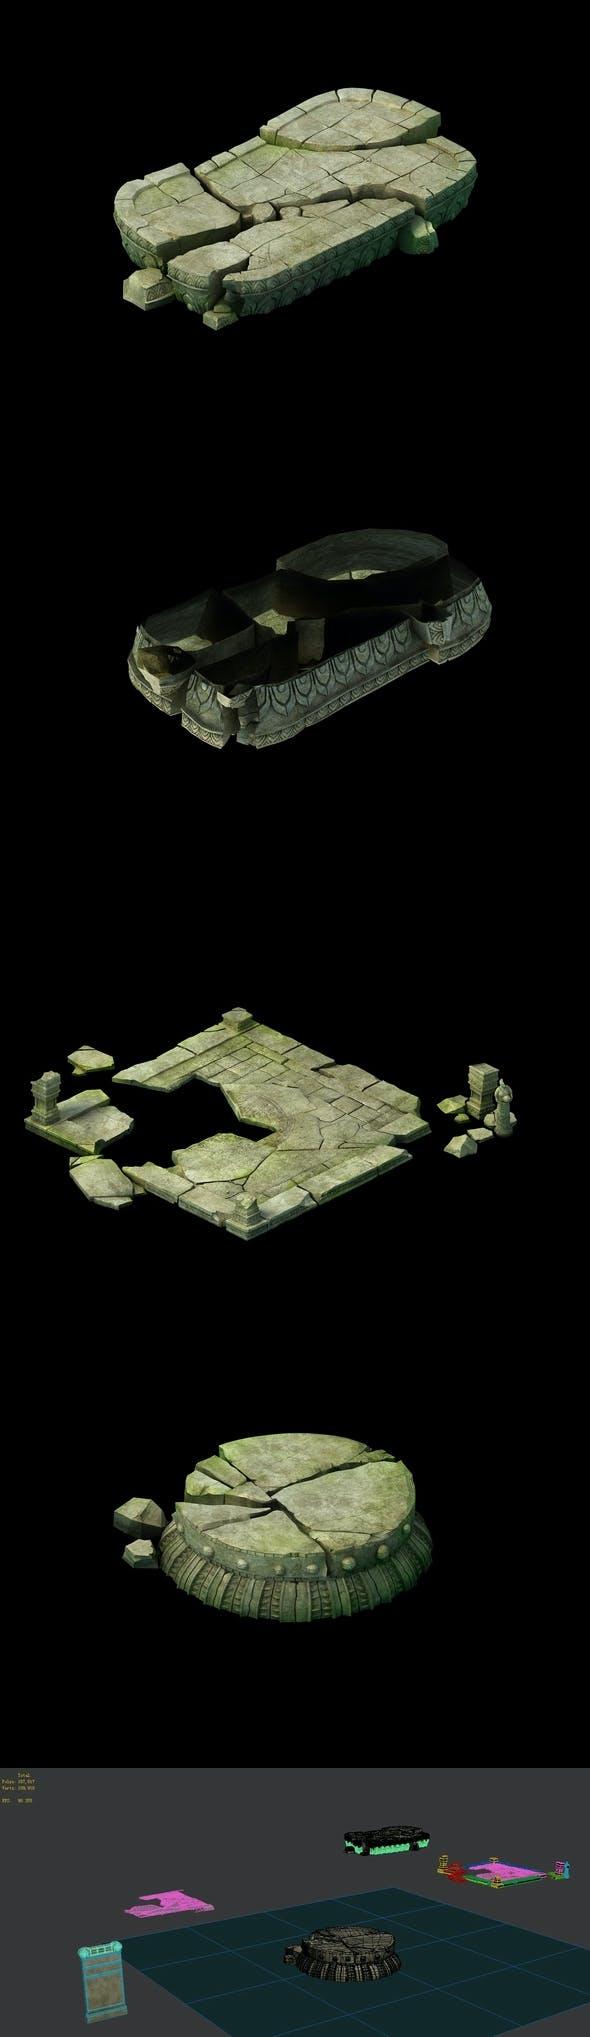 Game Model - Kaji Buddha material material adjustment - 3DOcean Item for Sale